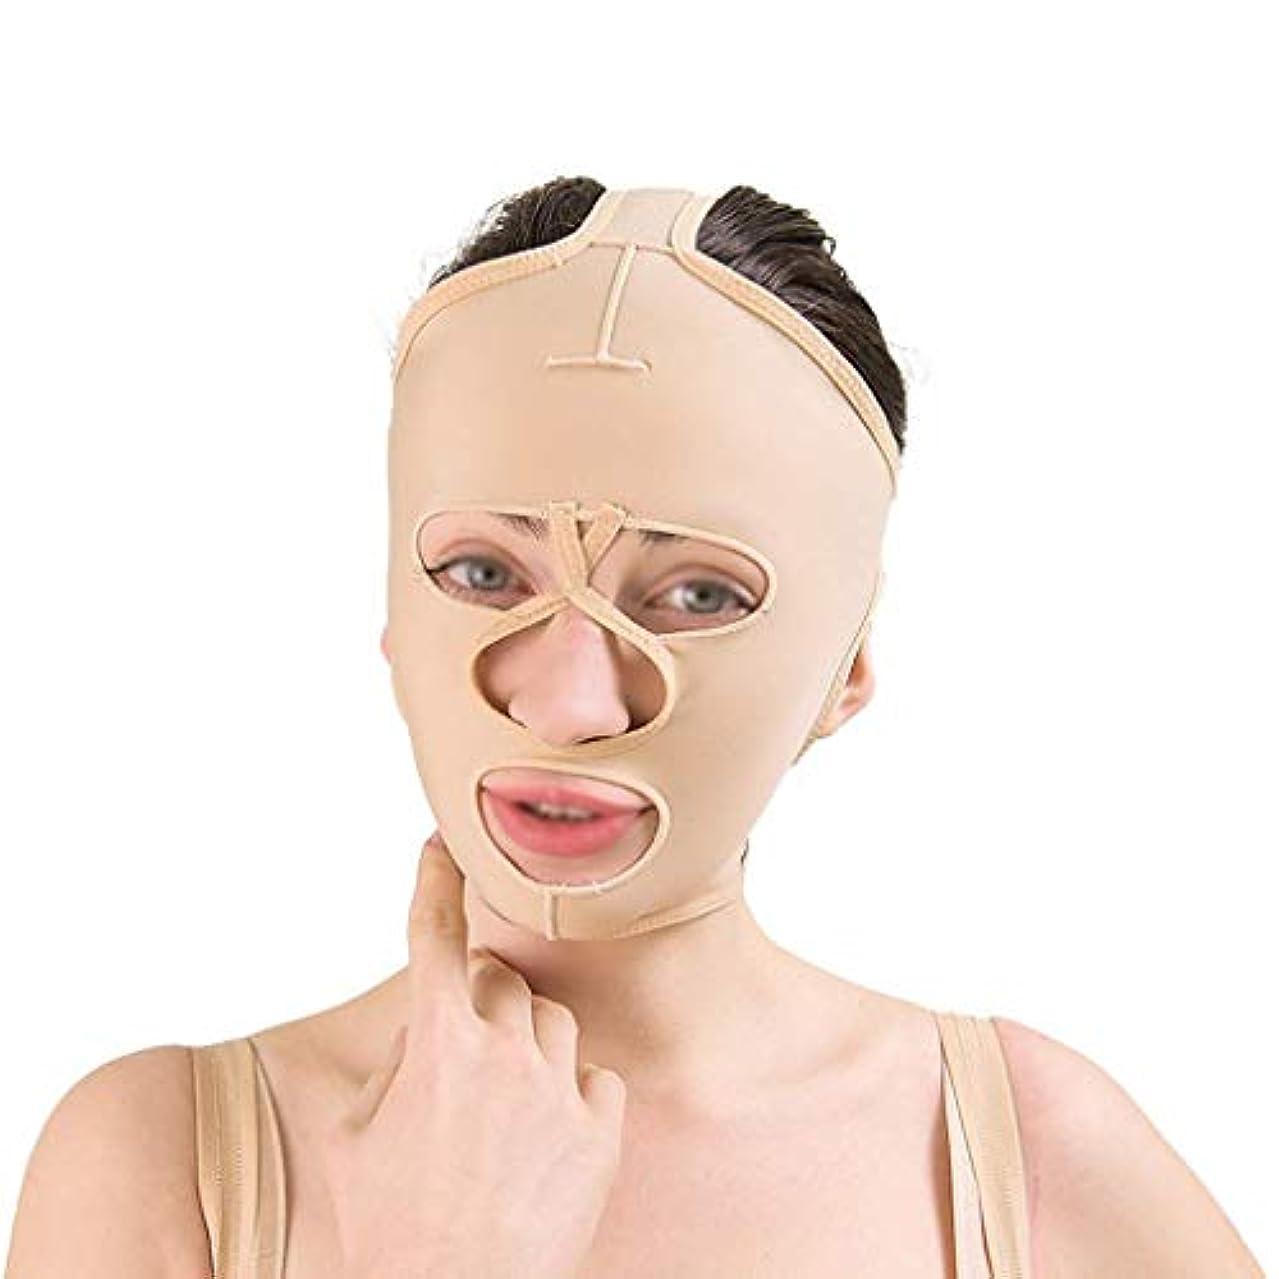 ギャップ消毒する仮定フェイシャルリフティングツール、フェイシャルビューティーリフティングマスク、通気性引き締めリフティングフェイシャル包帯、フェイシャルタイトバンデージ(サイズ:L),XL